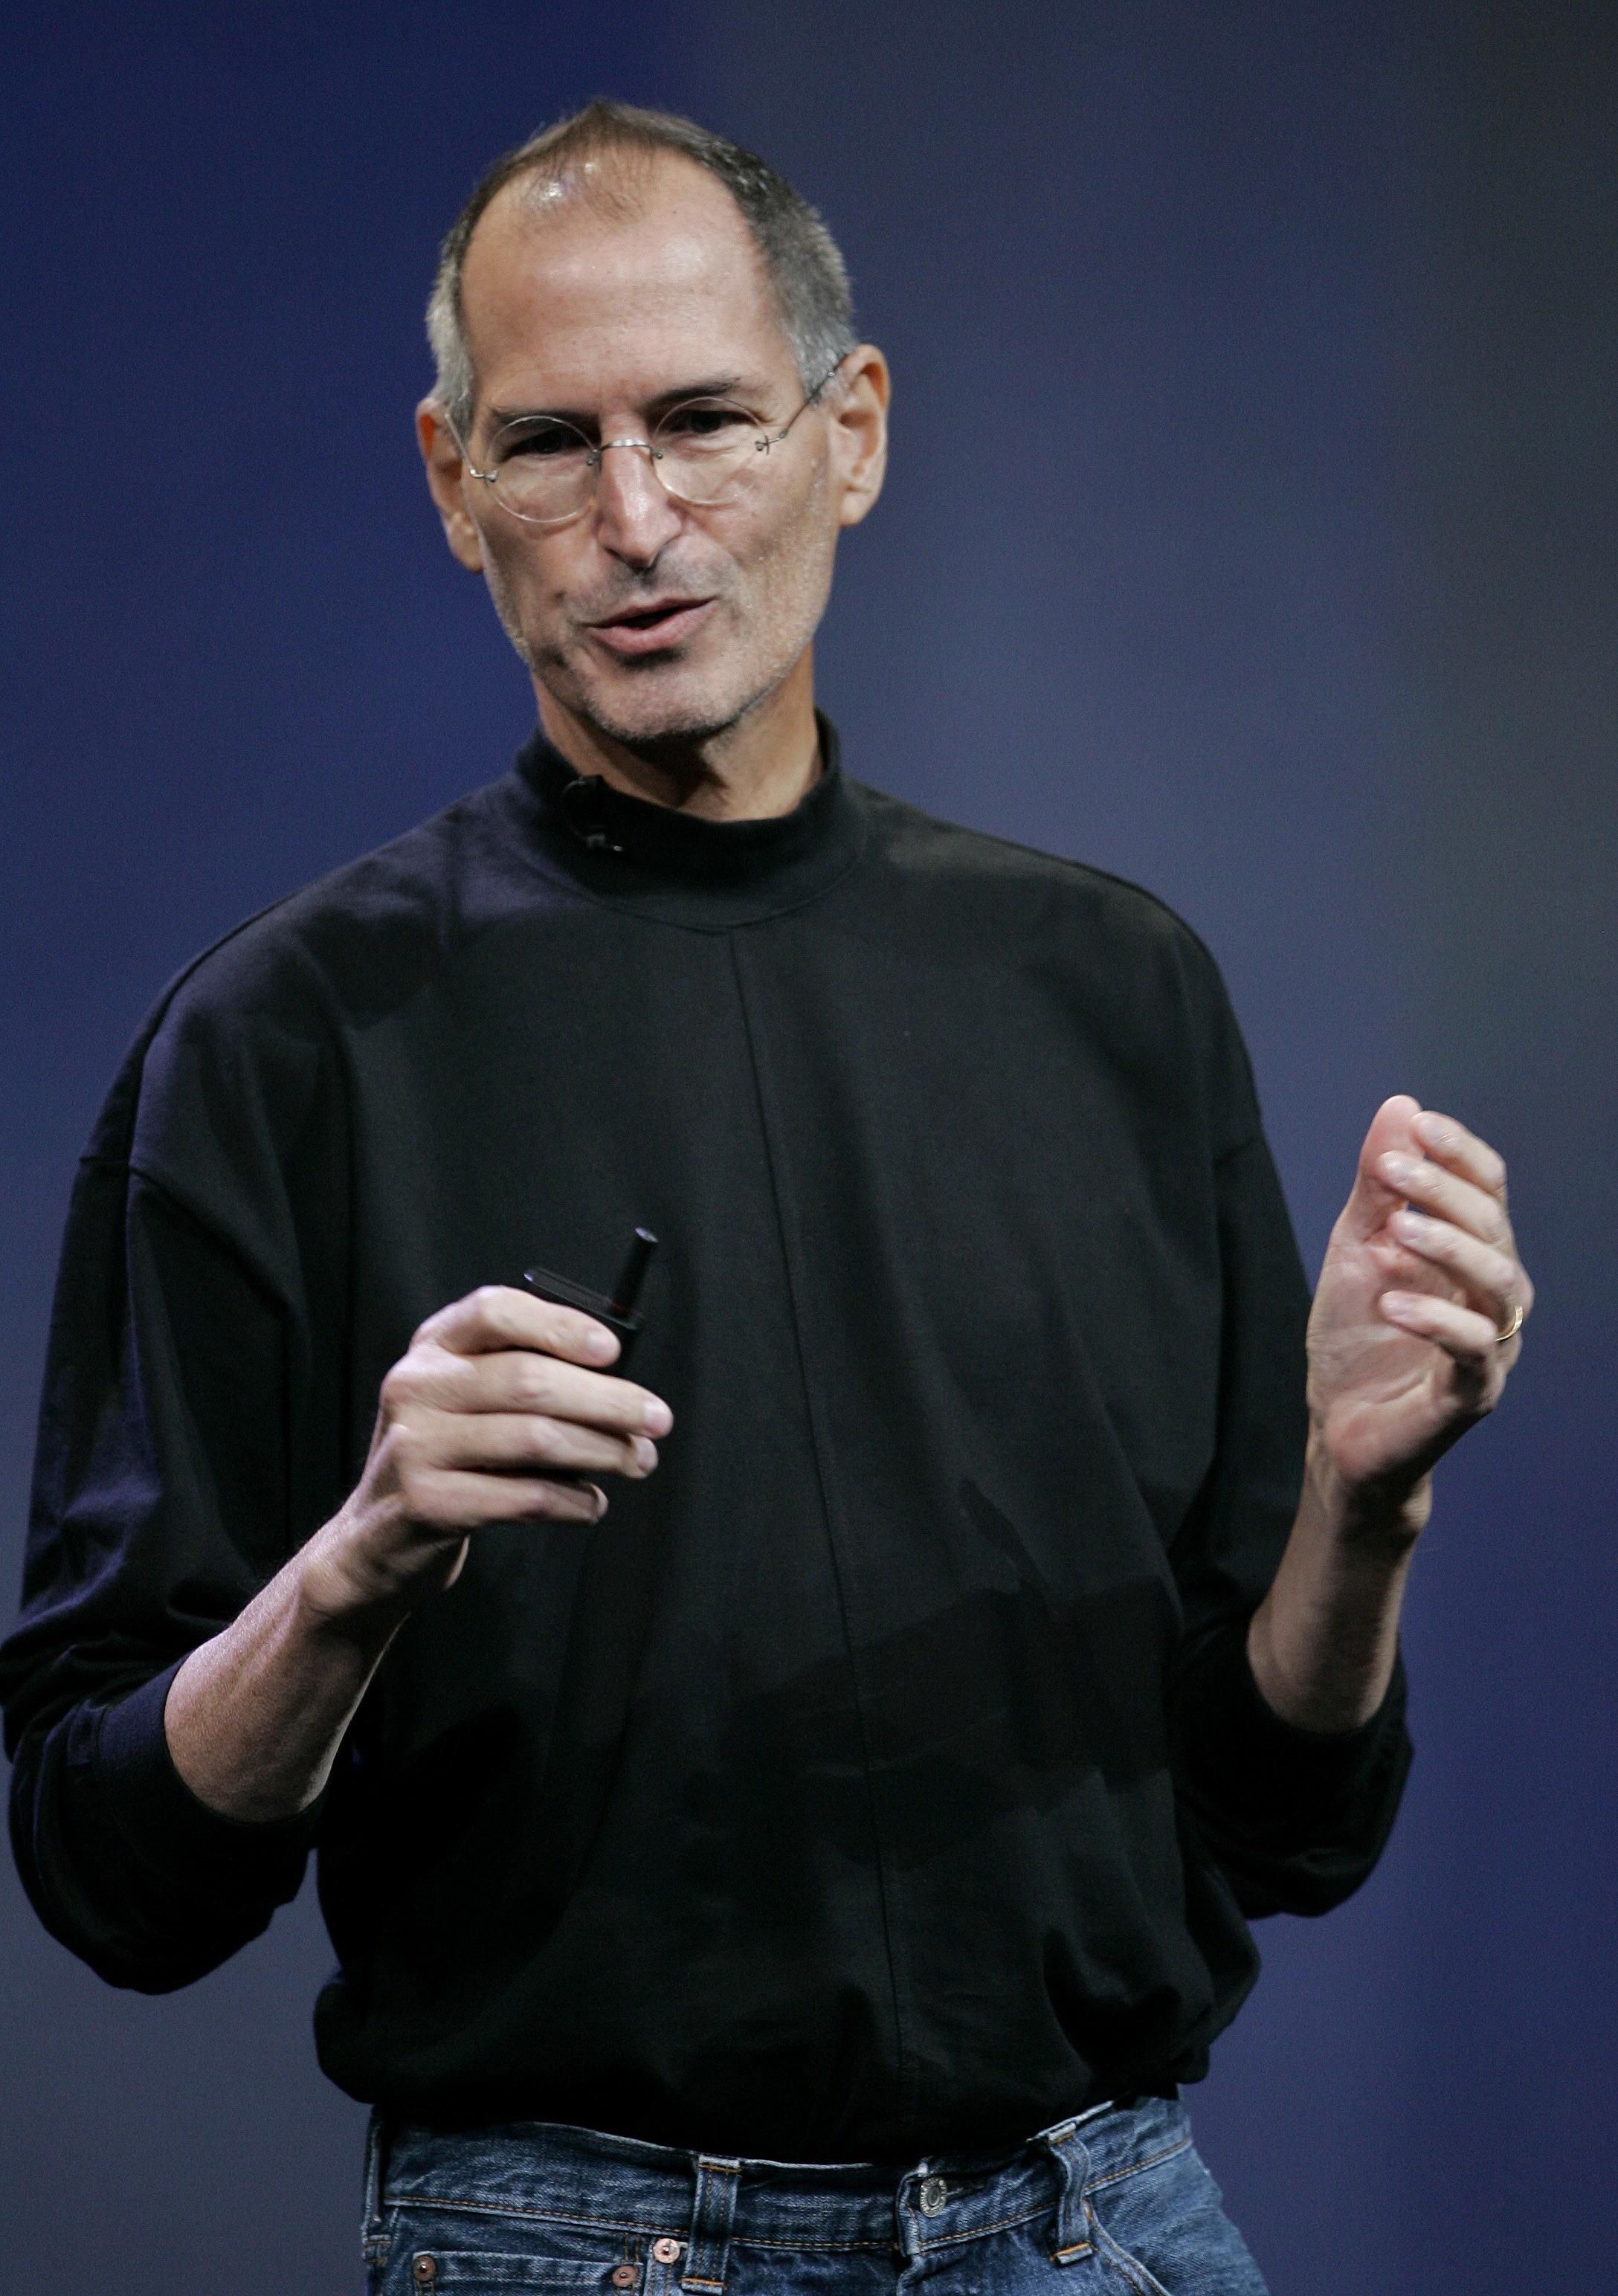 肝臟移植手術後 蘋果執行長左伯斯恢復上班